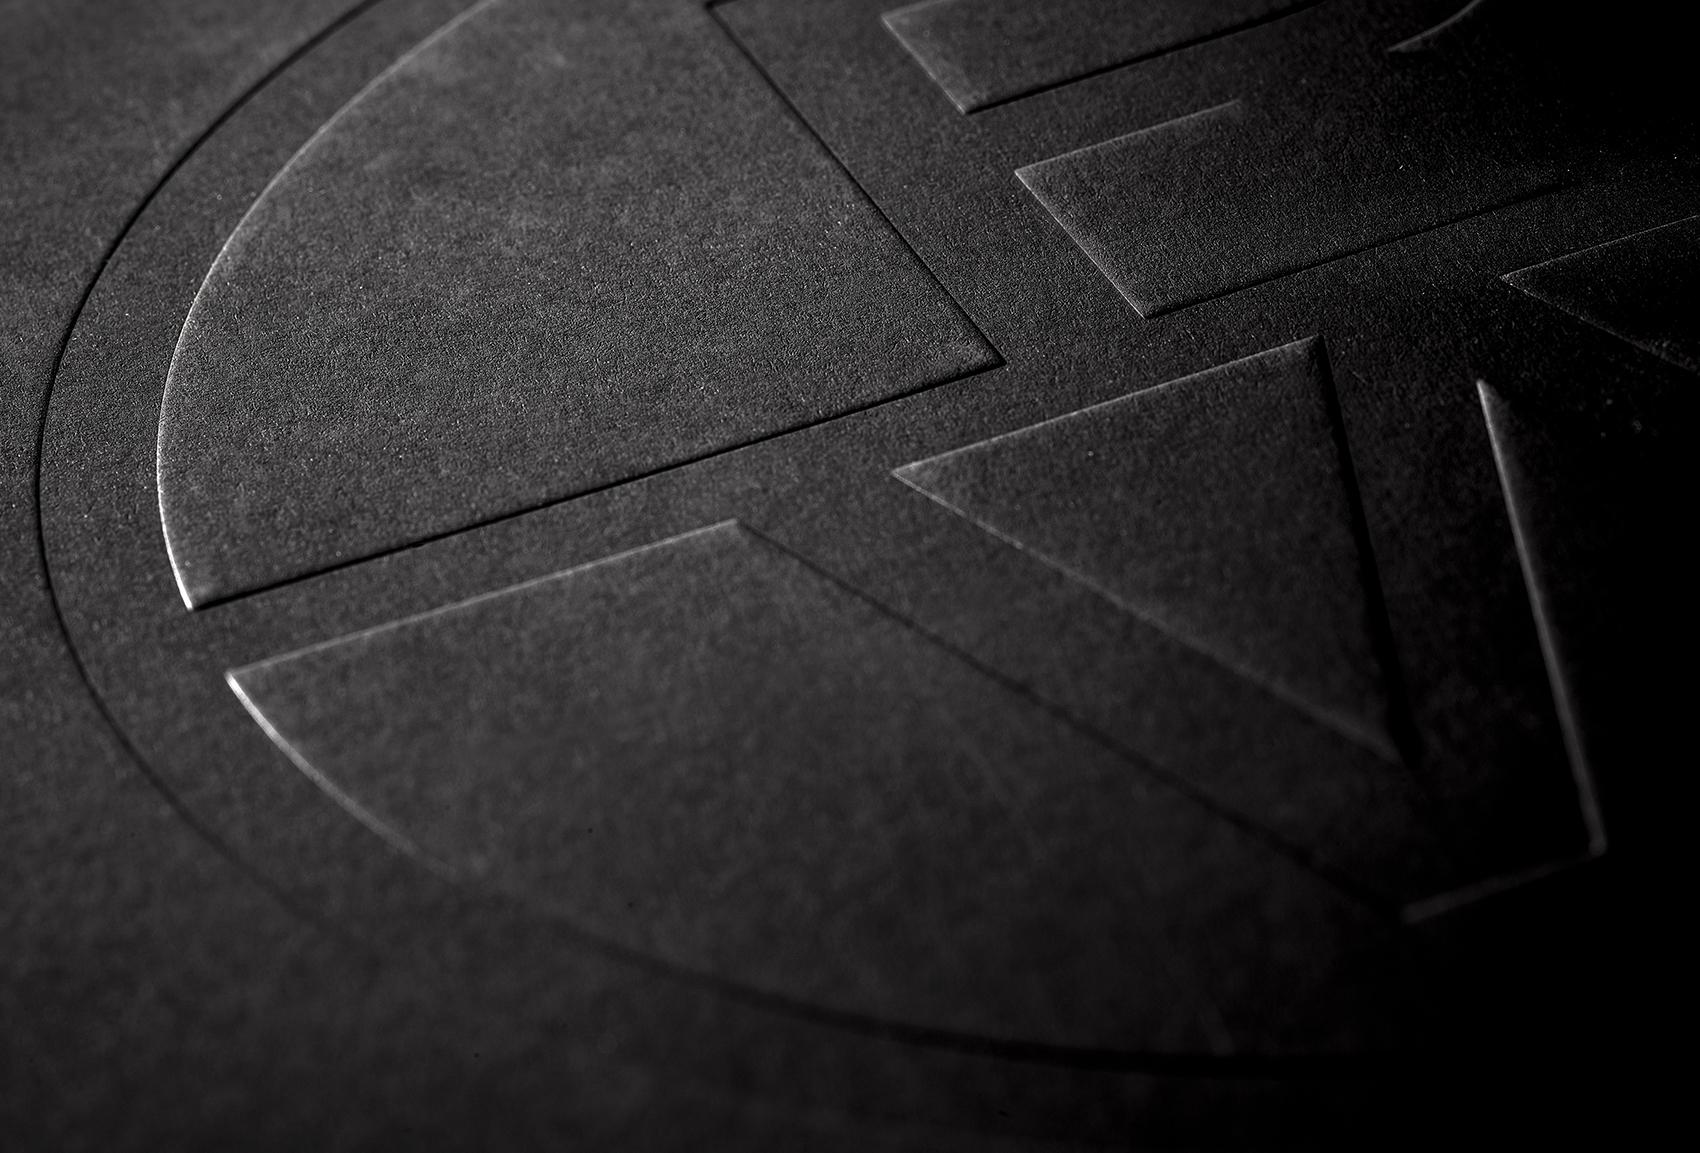 Tipografia offset specializzata in laminazione a freddo - rilievo a secco